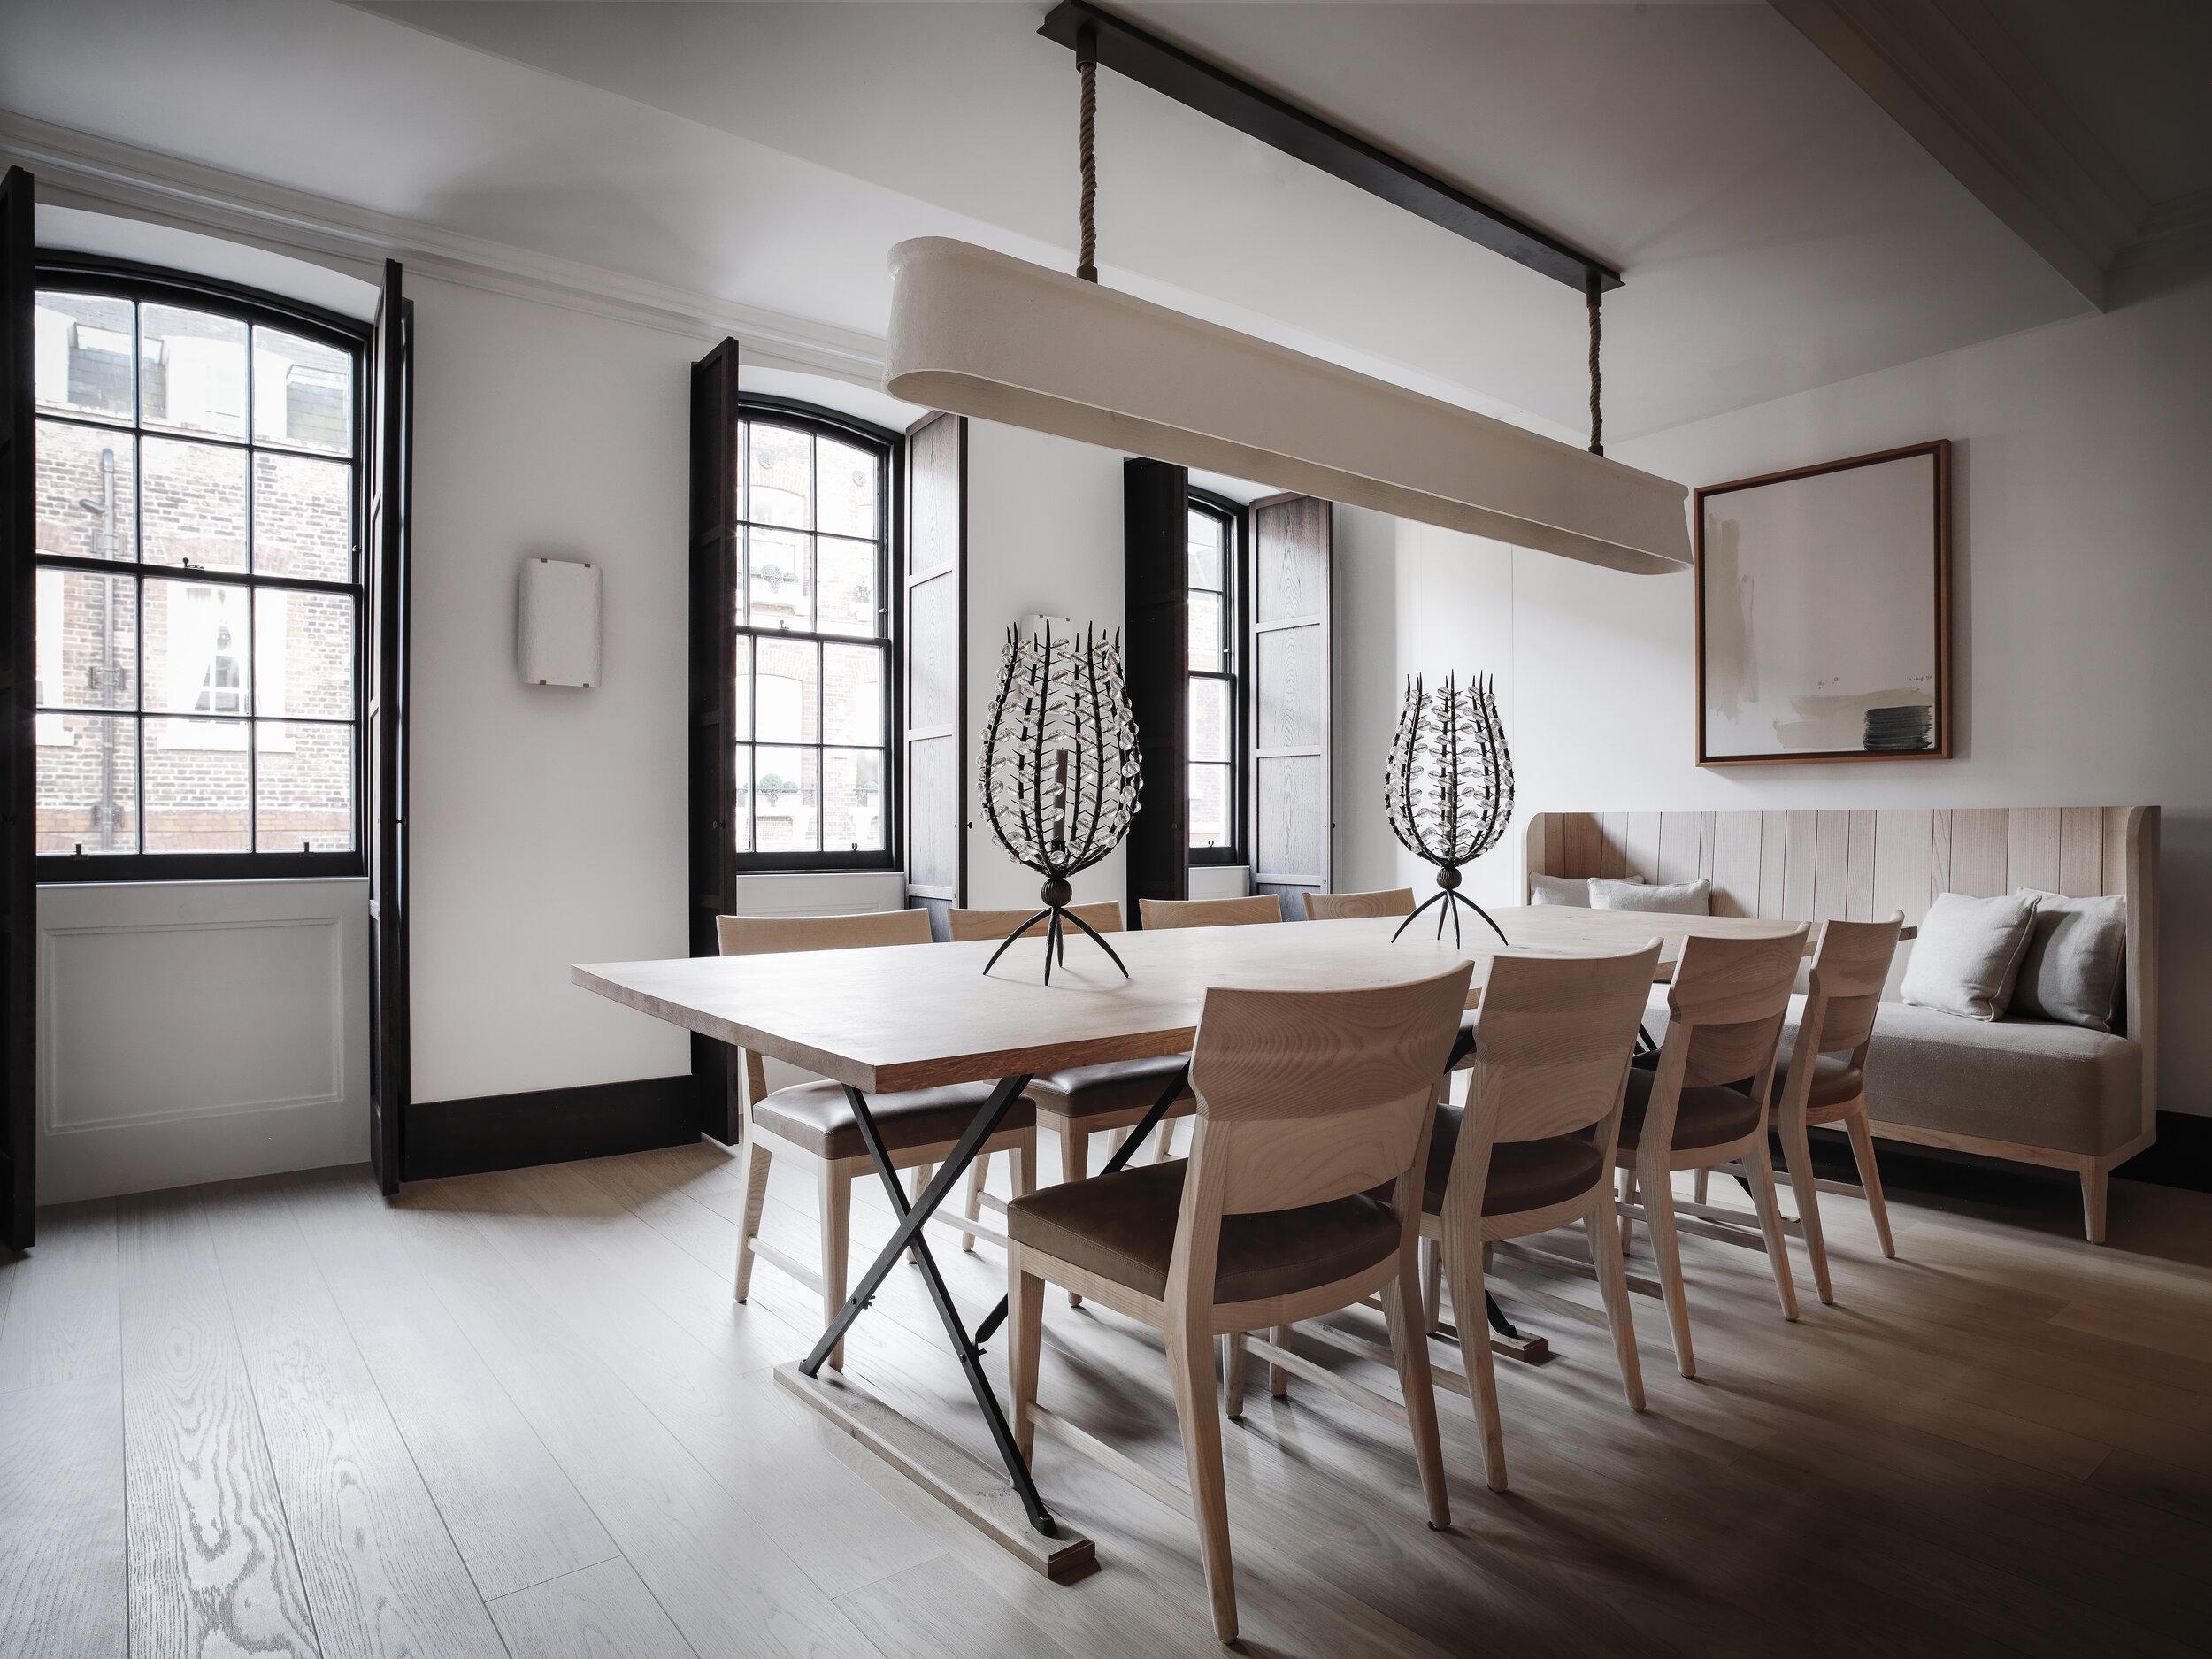 GB-Clifford-Street-Dining-Room.jpg